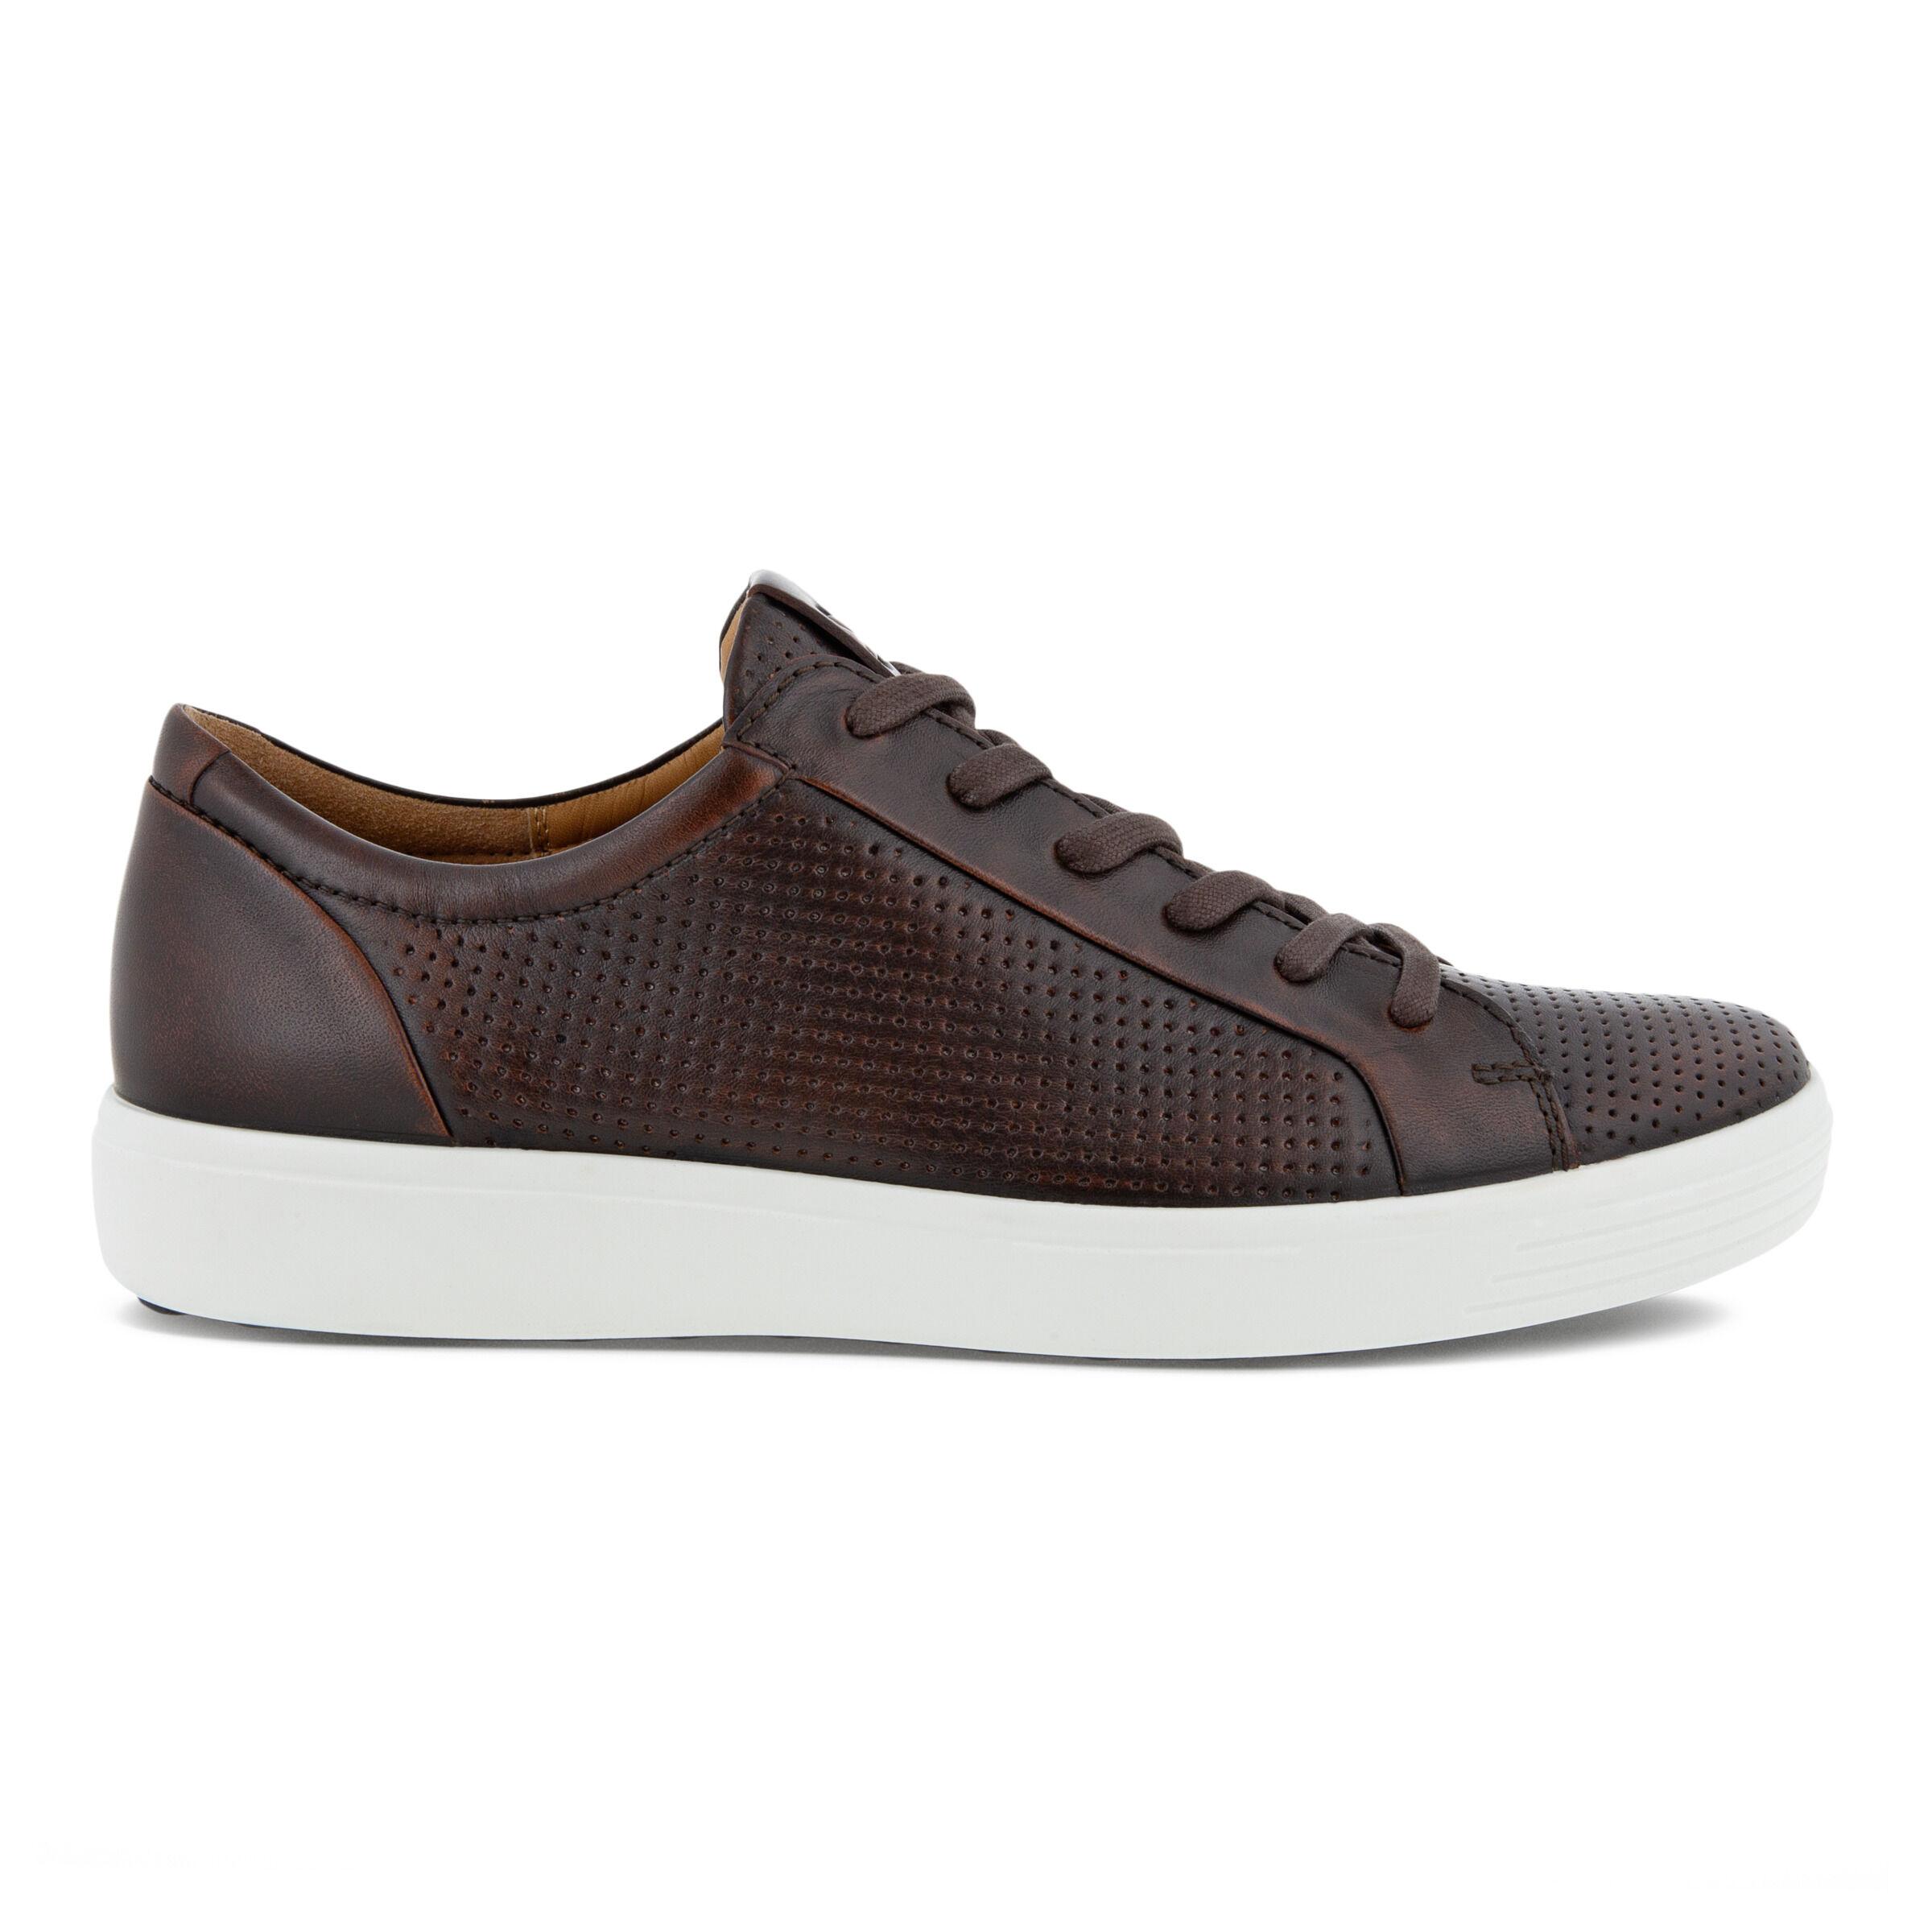 에코 ECCO SOFT 7 Mens Laced Shoes,COGNAC